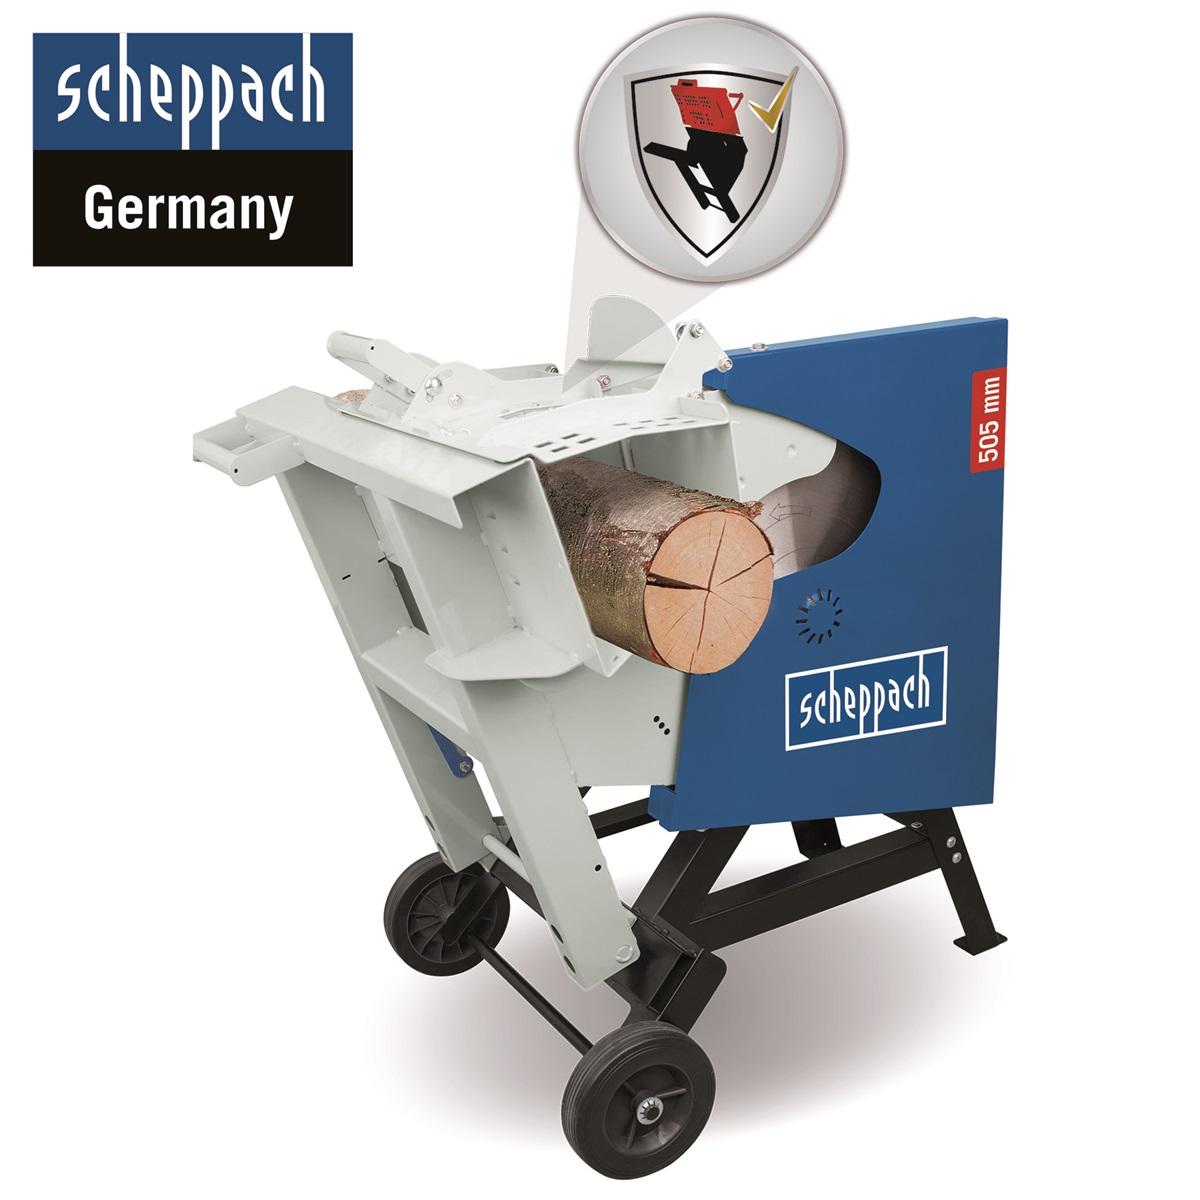 Scheppach HS 520, kolébková pila/cirkulárka 230 V